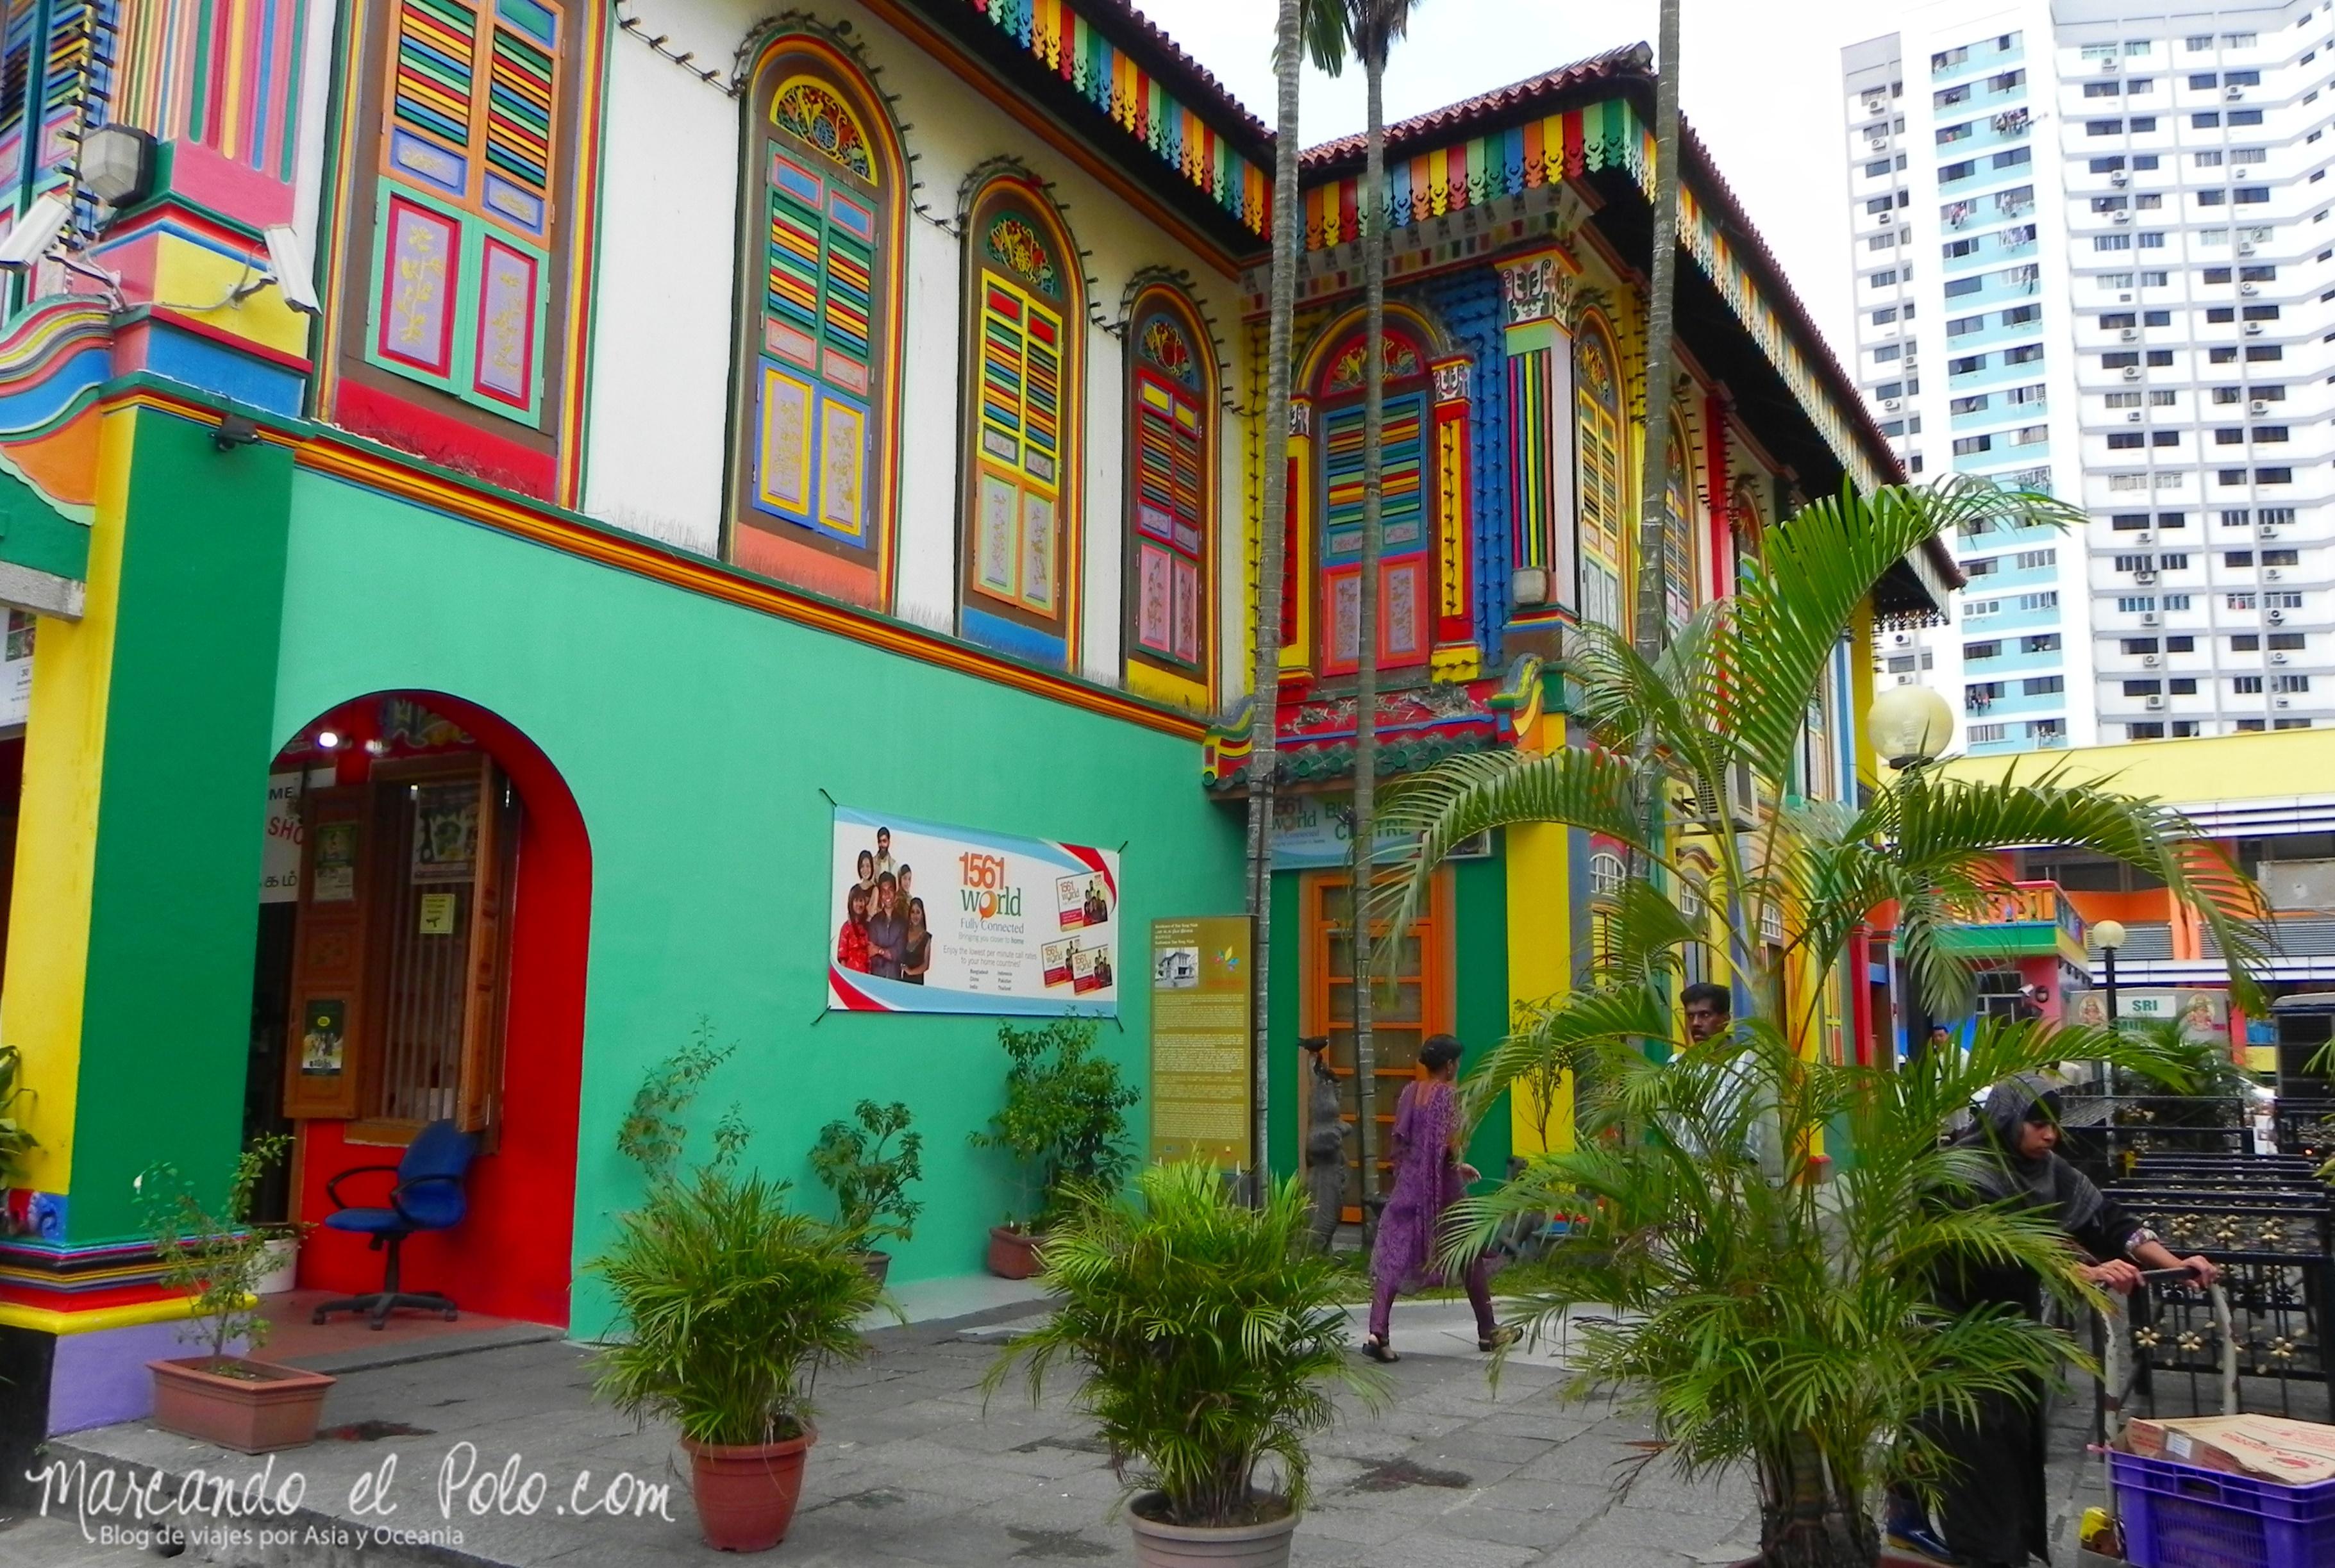 Las coloridas calles de Little India, Singapur.